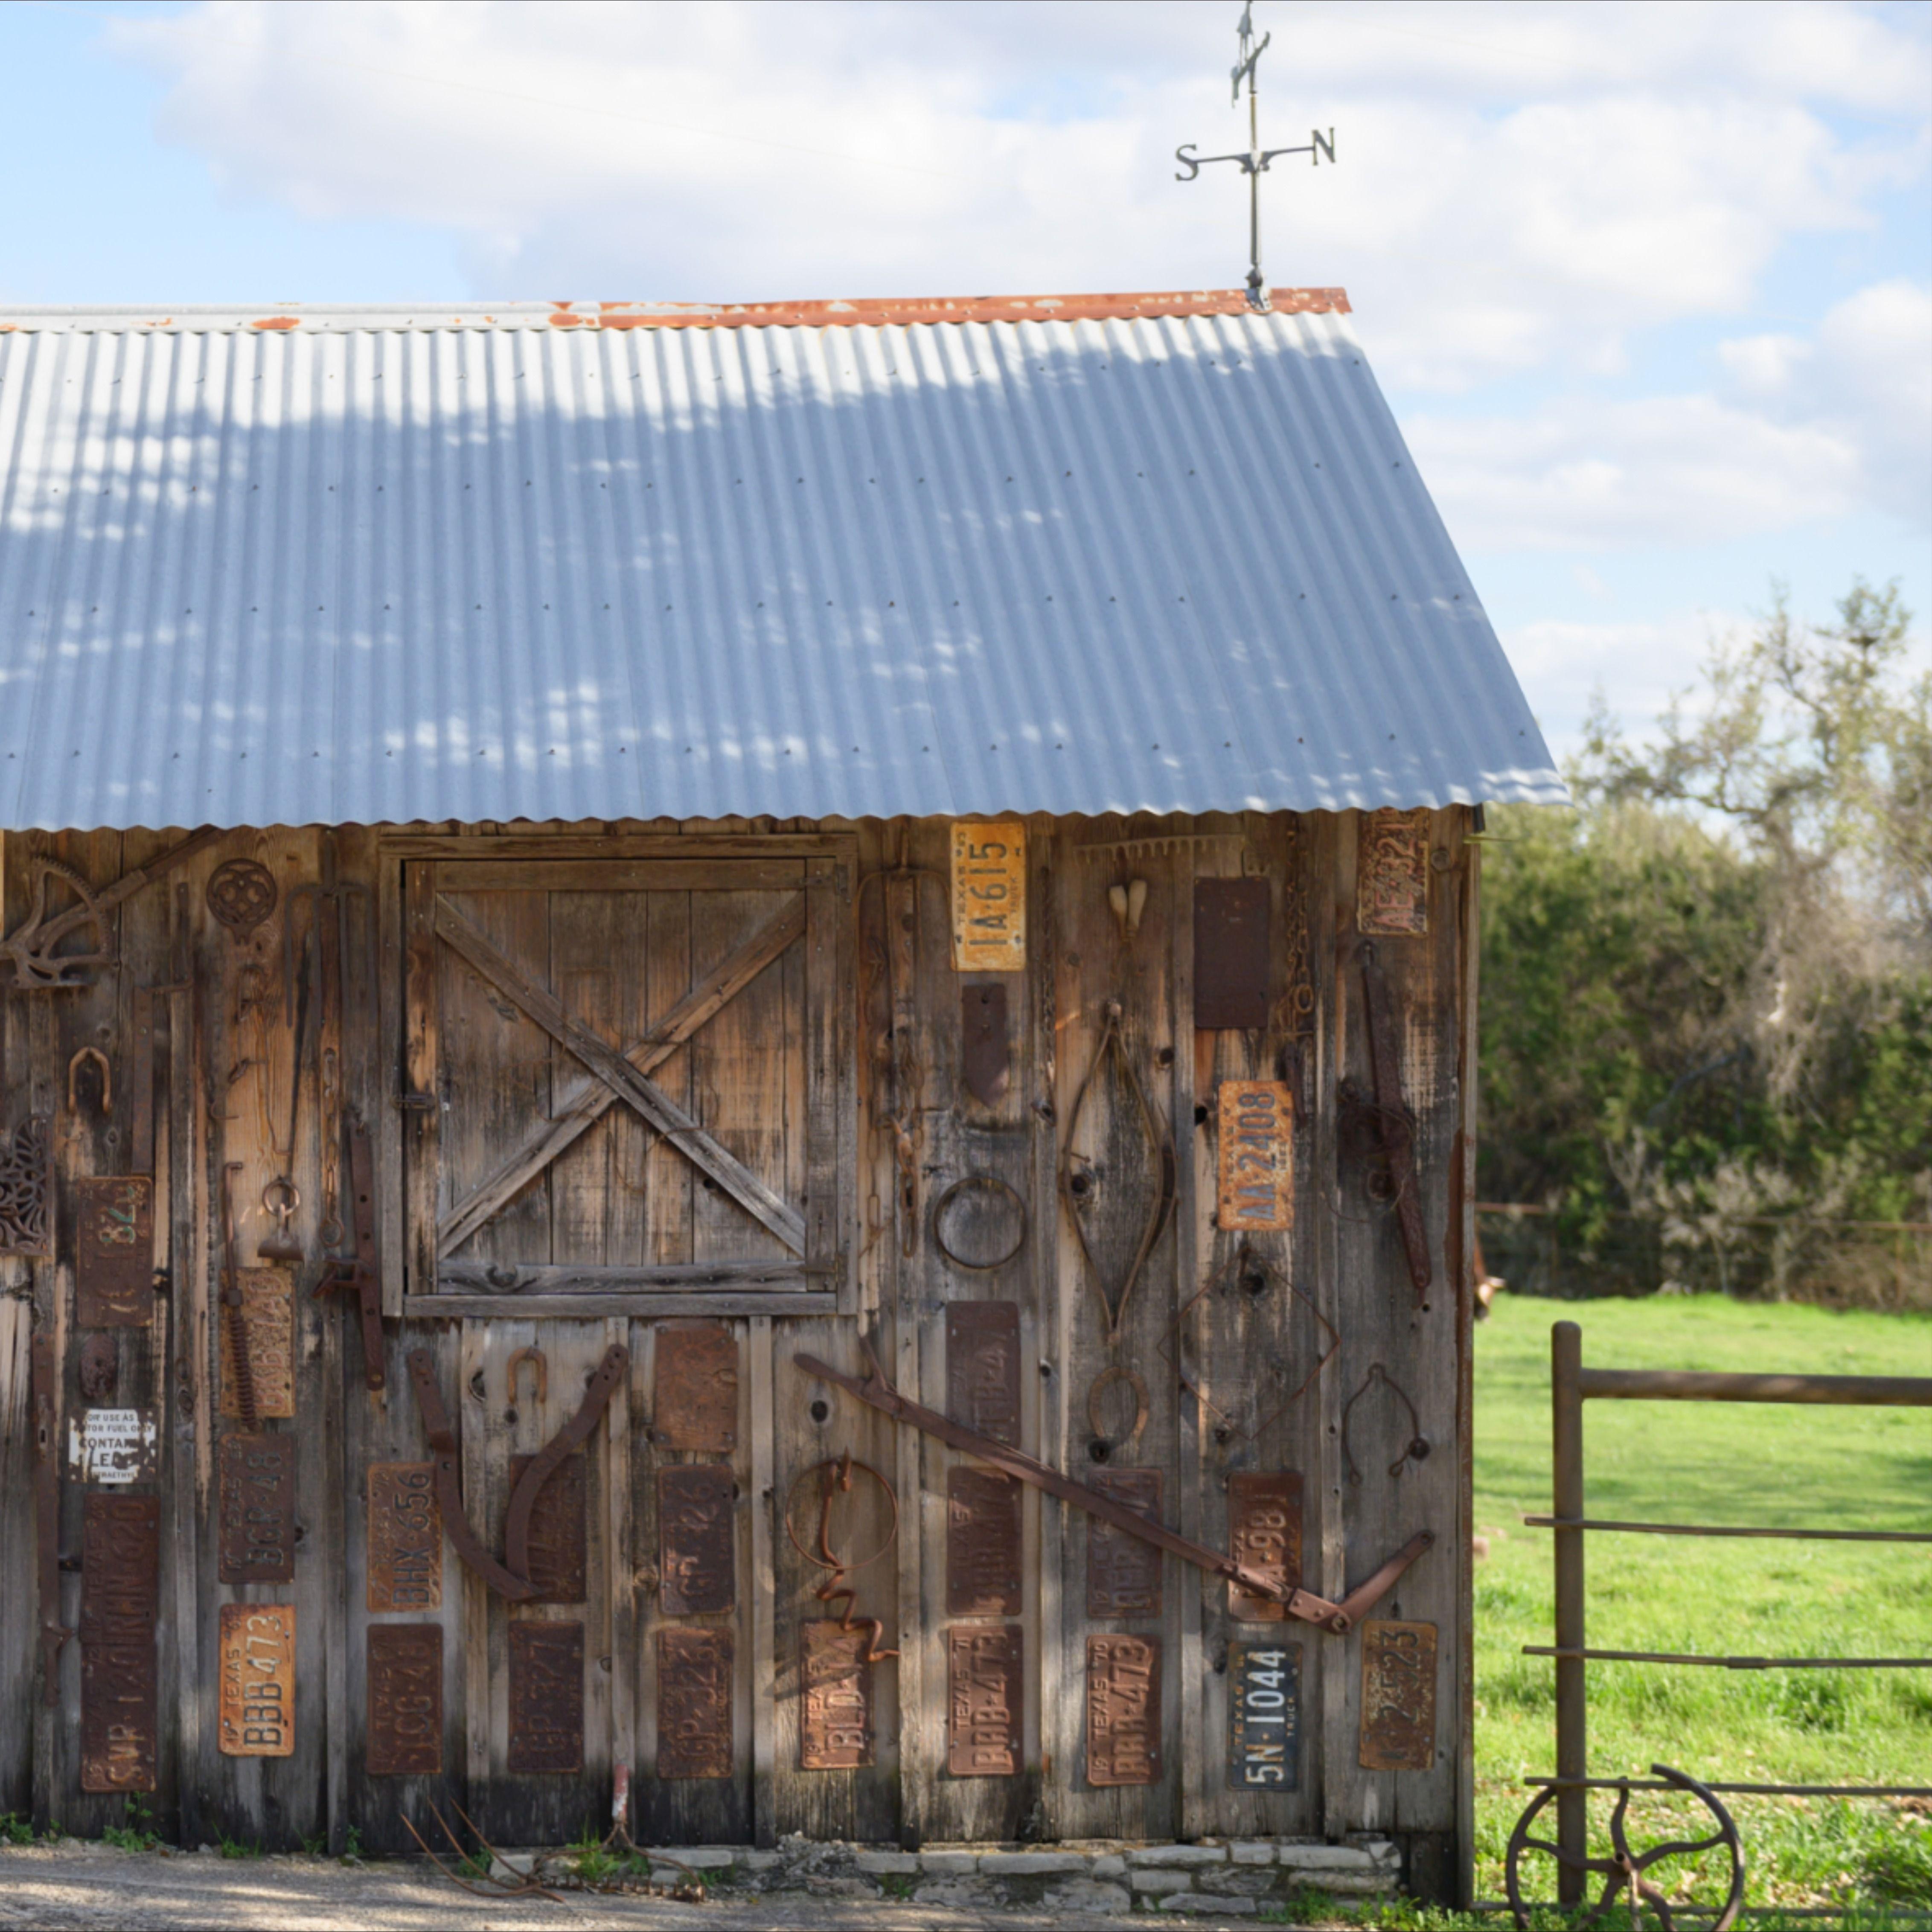 71 West Ranch Retreat - Venue - Spicewood, TX - WeddingWire